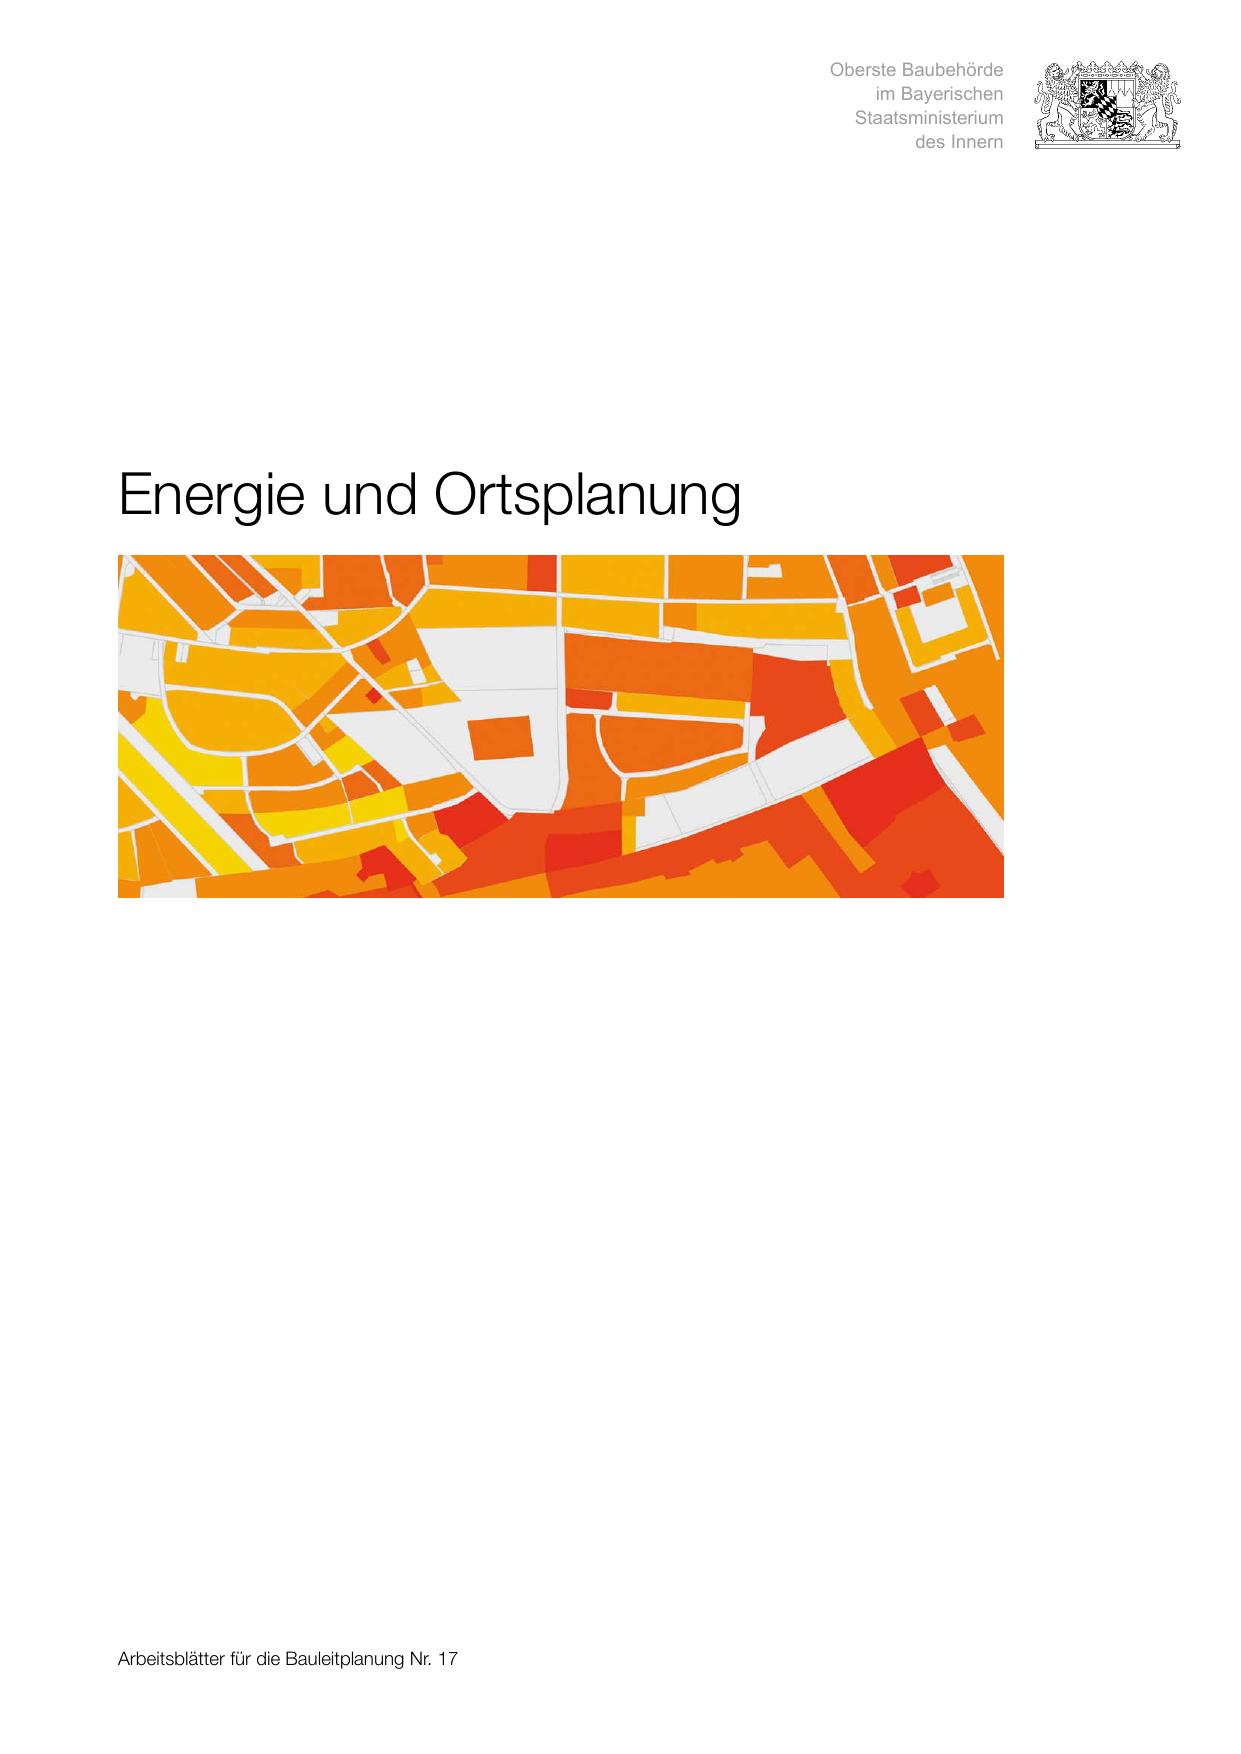 Energie und Ortsplanung